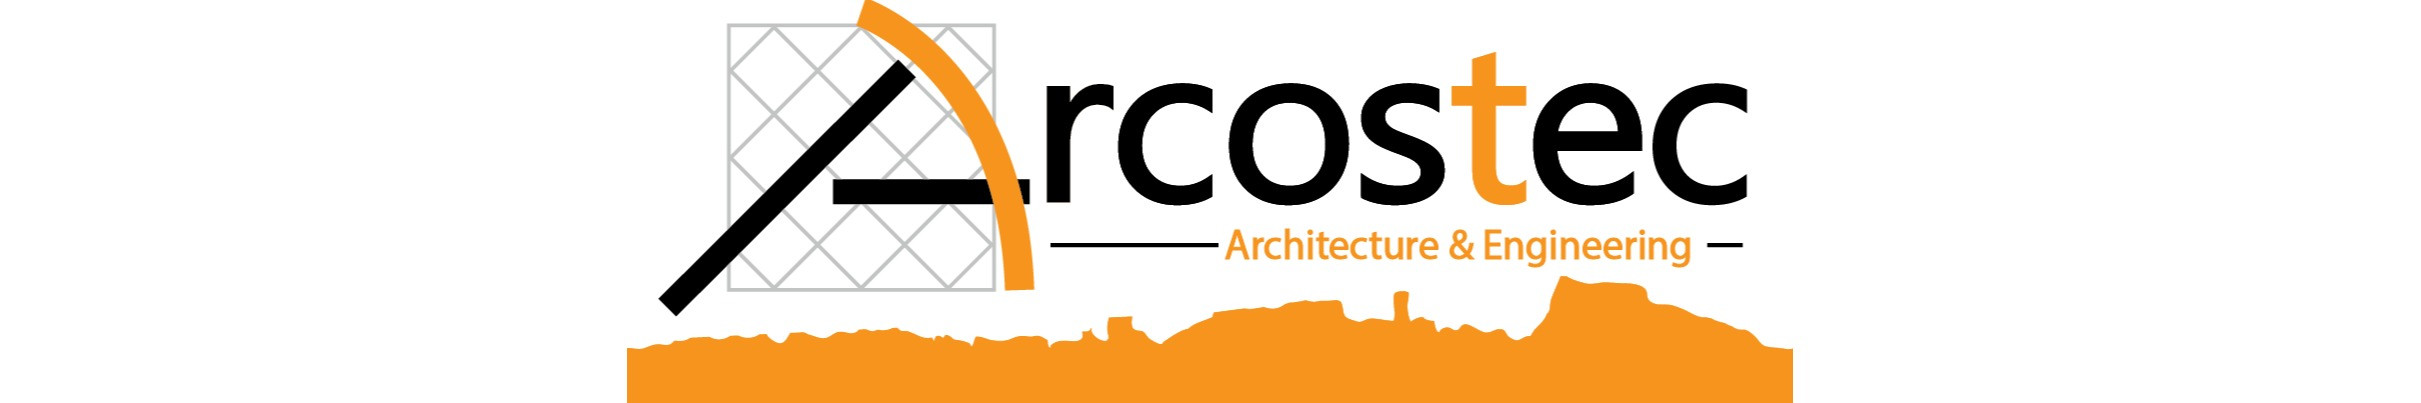 Servicios de construcción, diseño, arquitectura e ingeniería